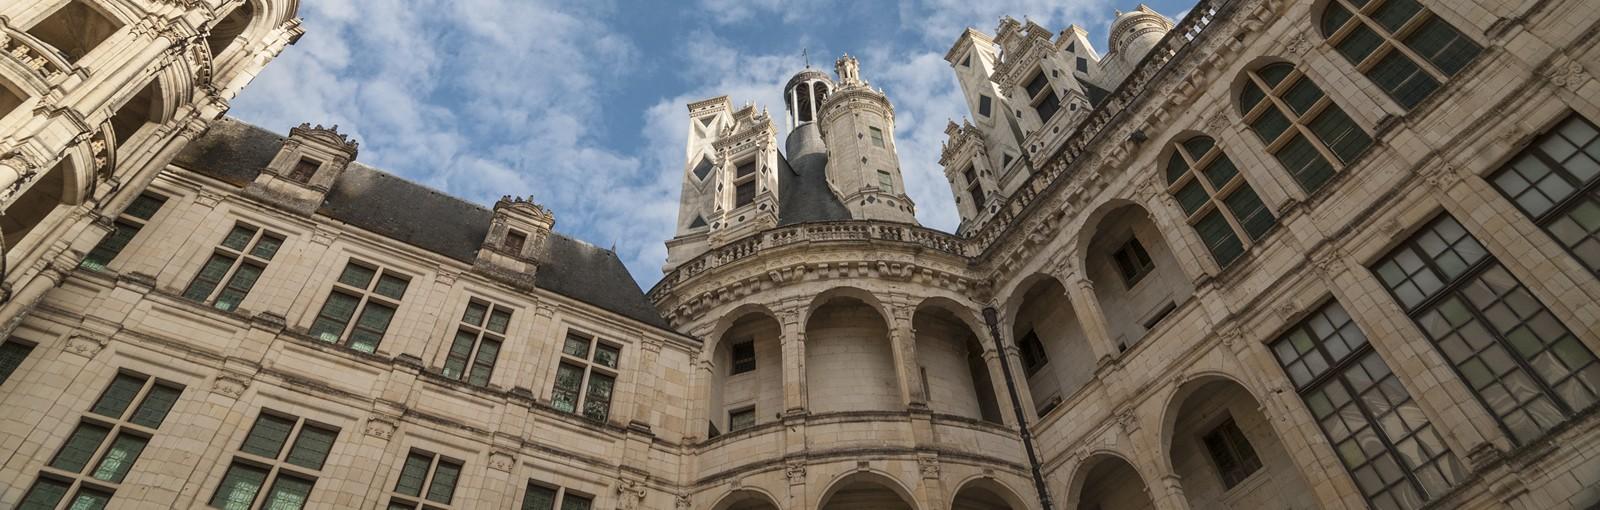 Tours 卢瓦尔河最著名的城堡群 - 卢瓦尔河谷 - 从巴黎出发的多日游